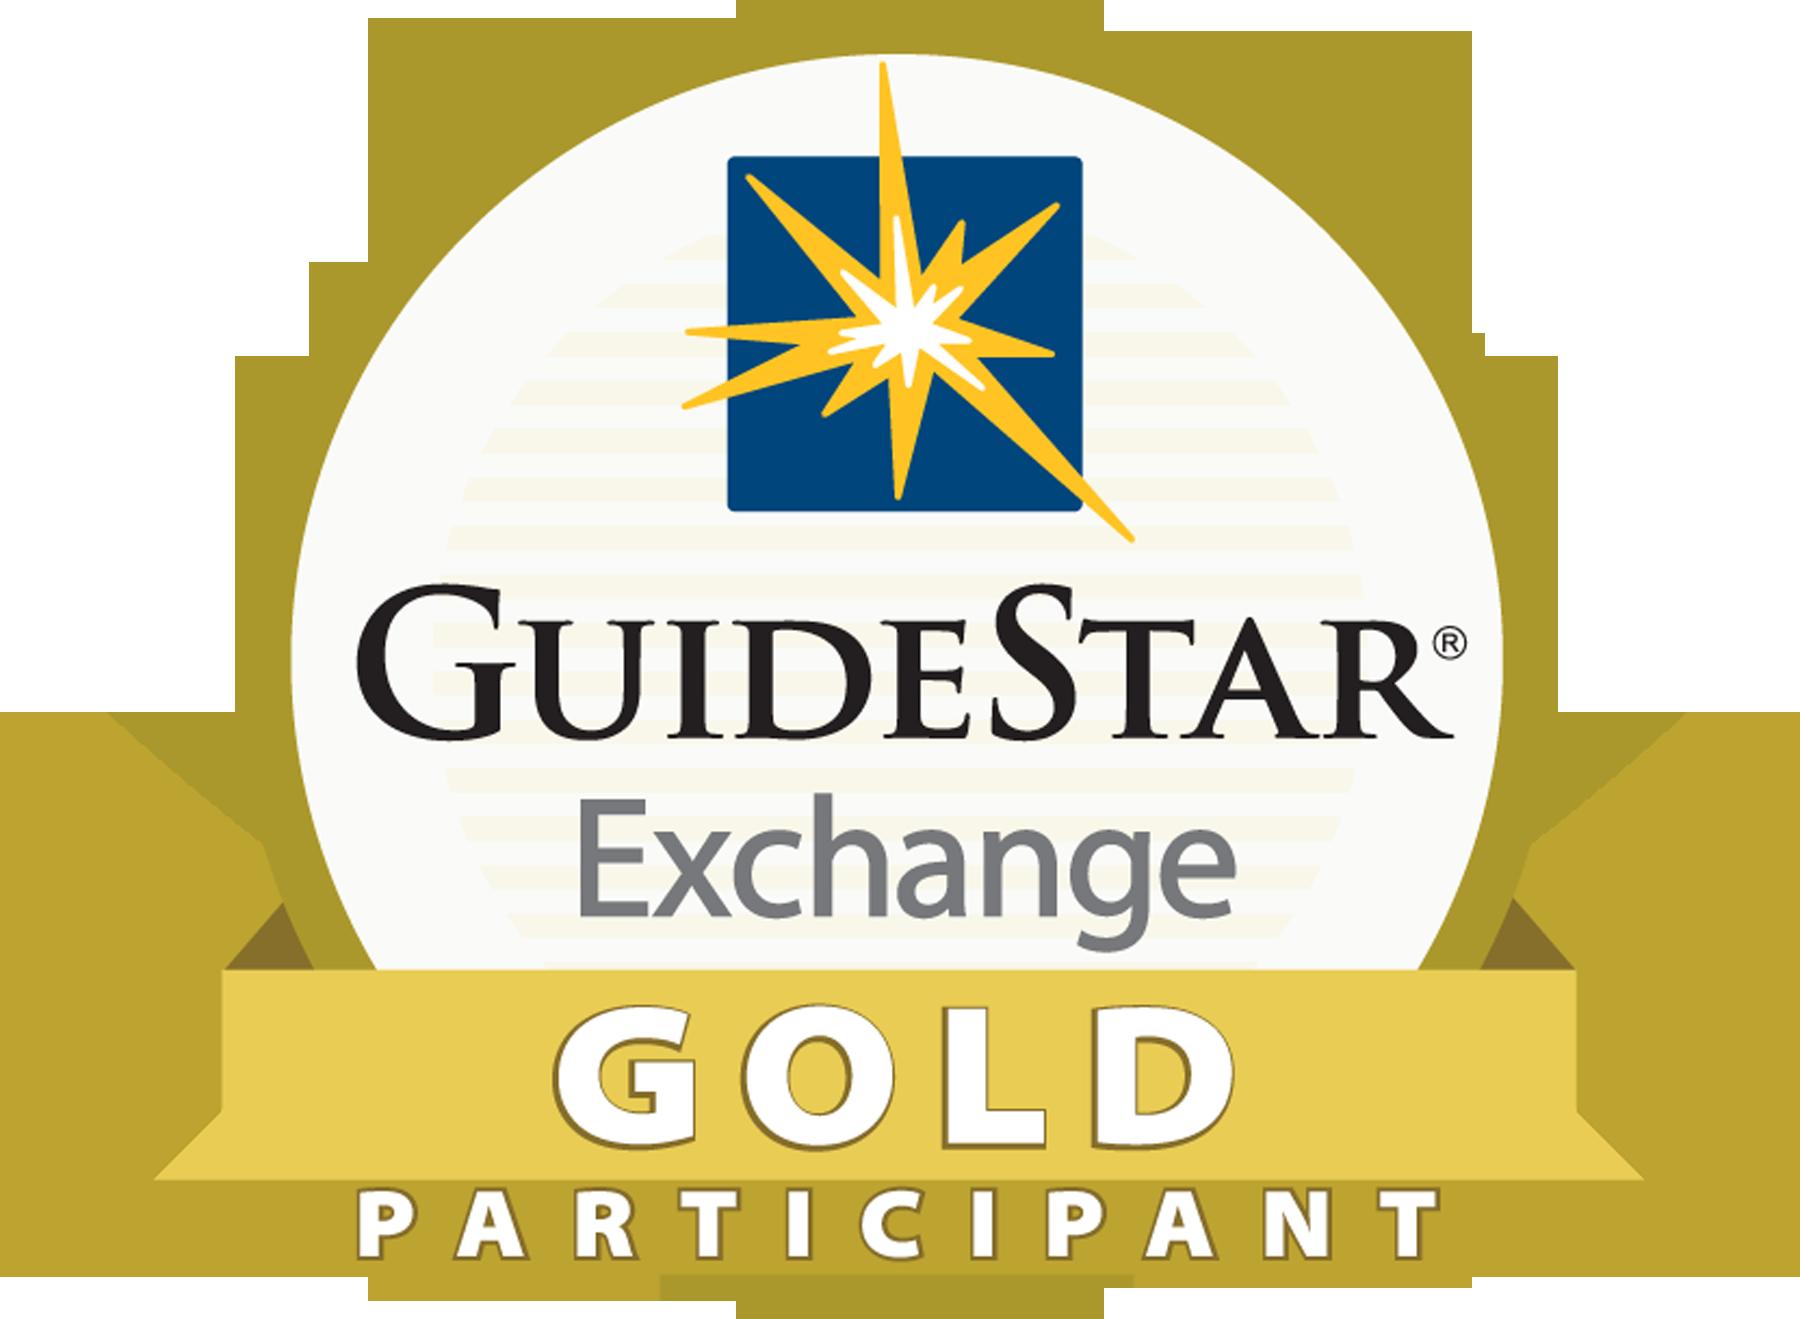 Teilnehmer des GuideStar Exchange Gold